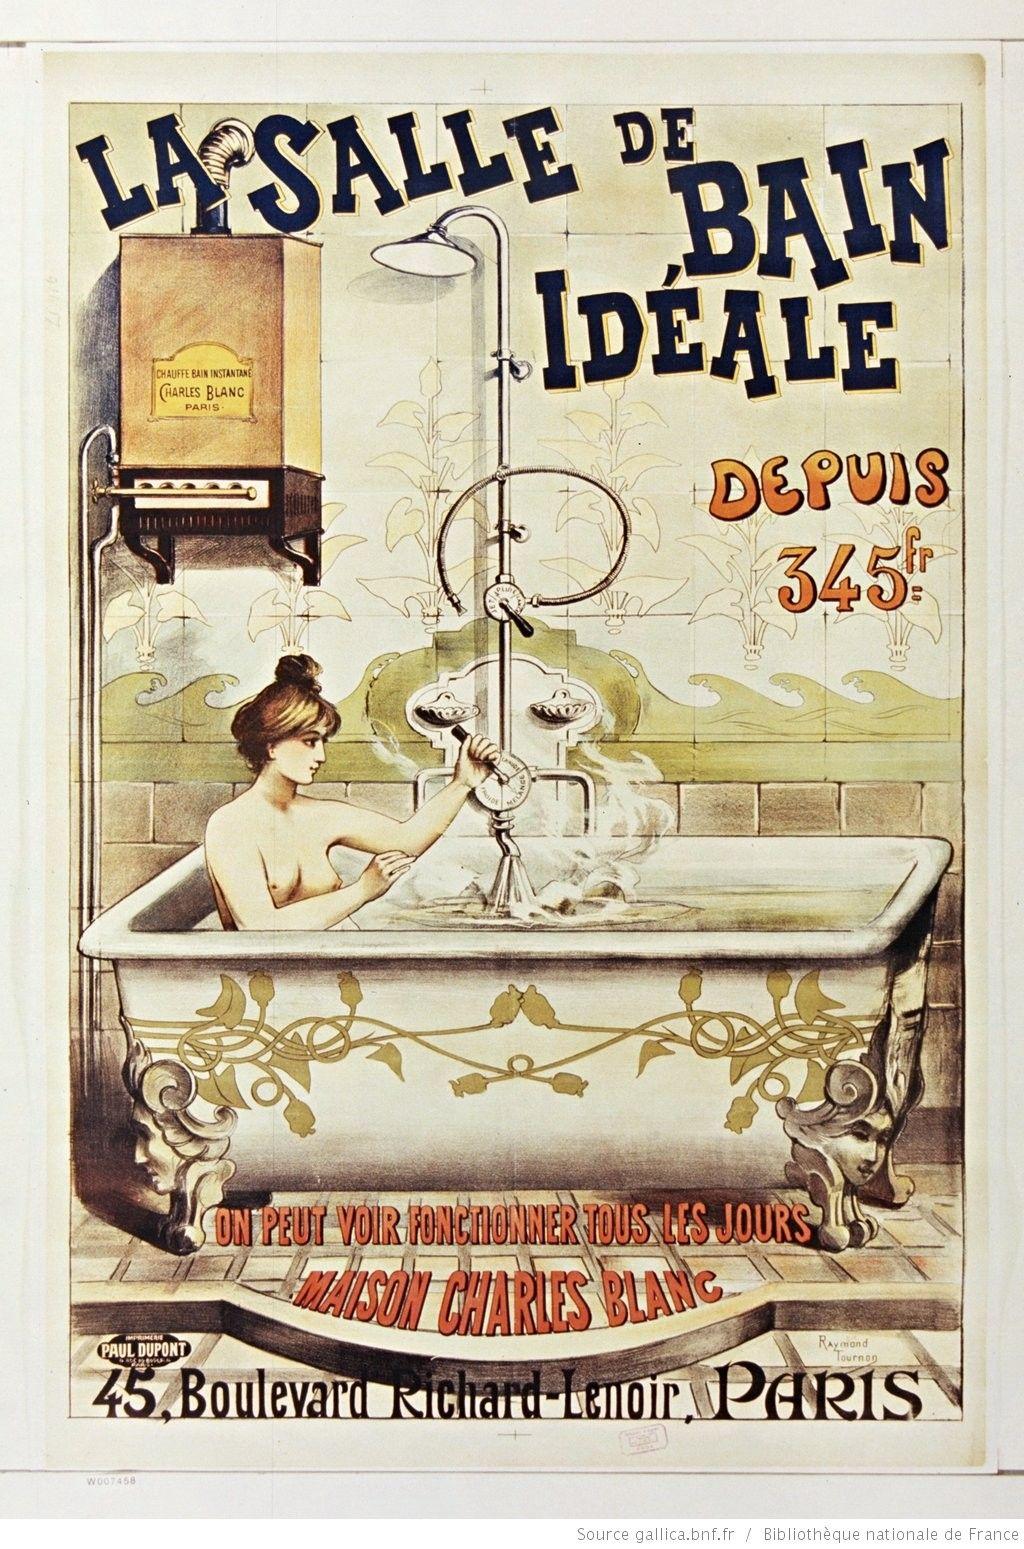 Affiche Salle De Bain ~ la salle de bain id ale depuis 345fr maison charles blanc 45